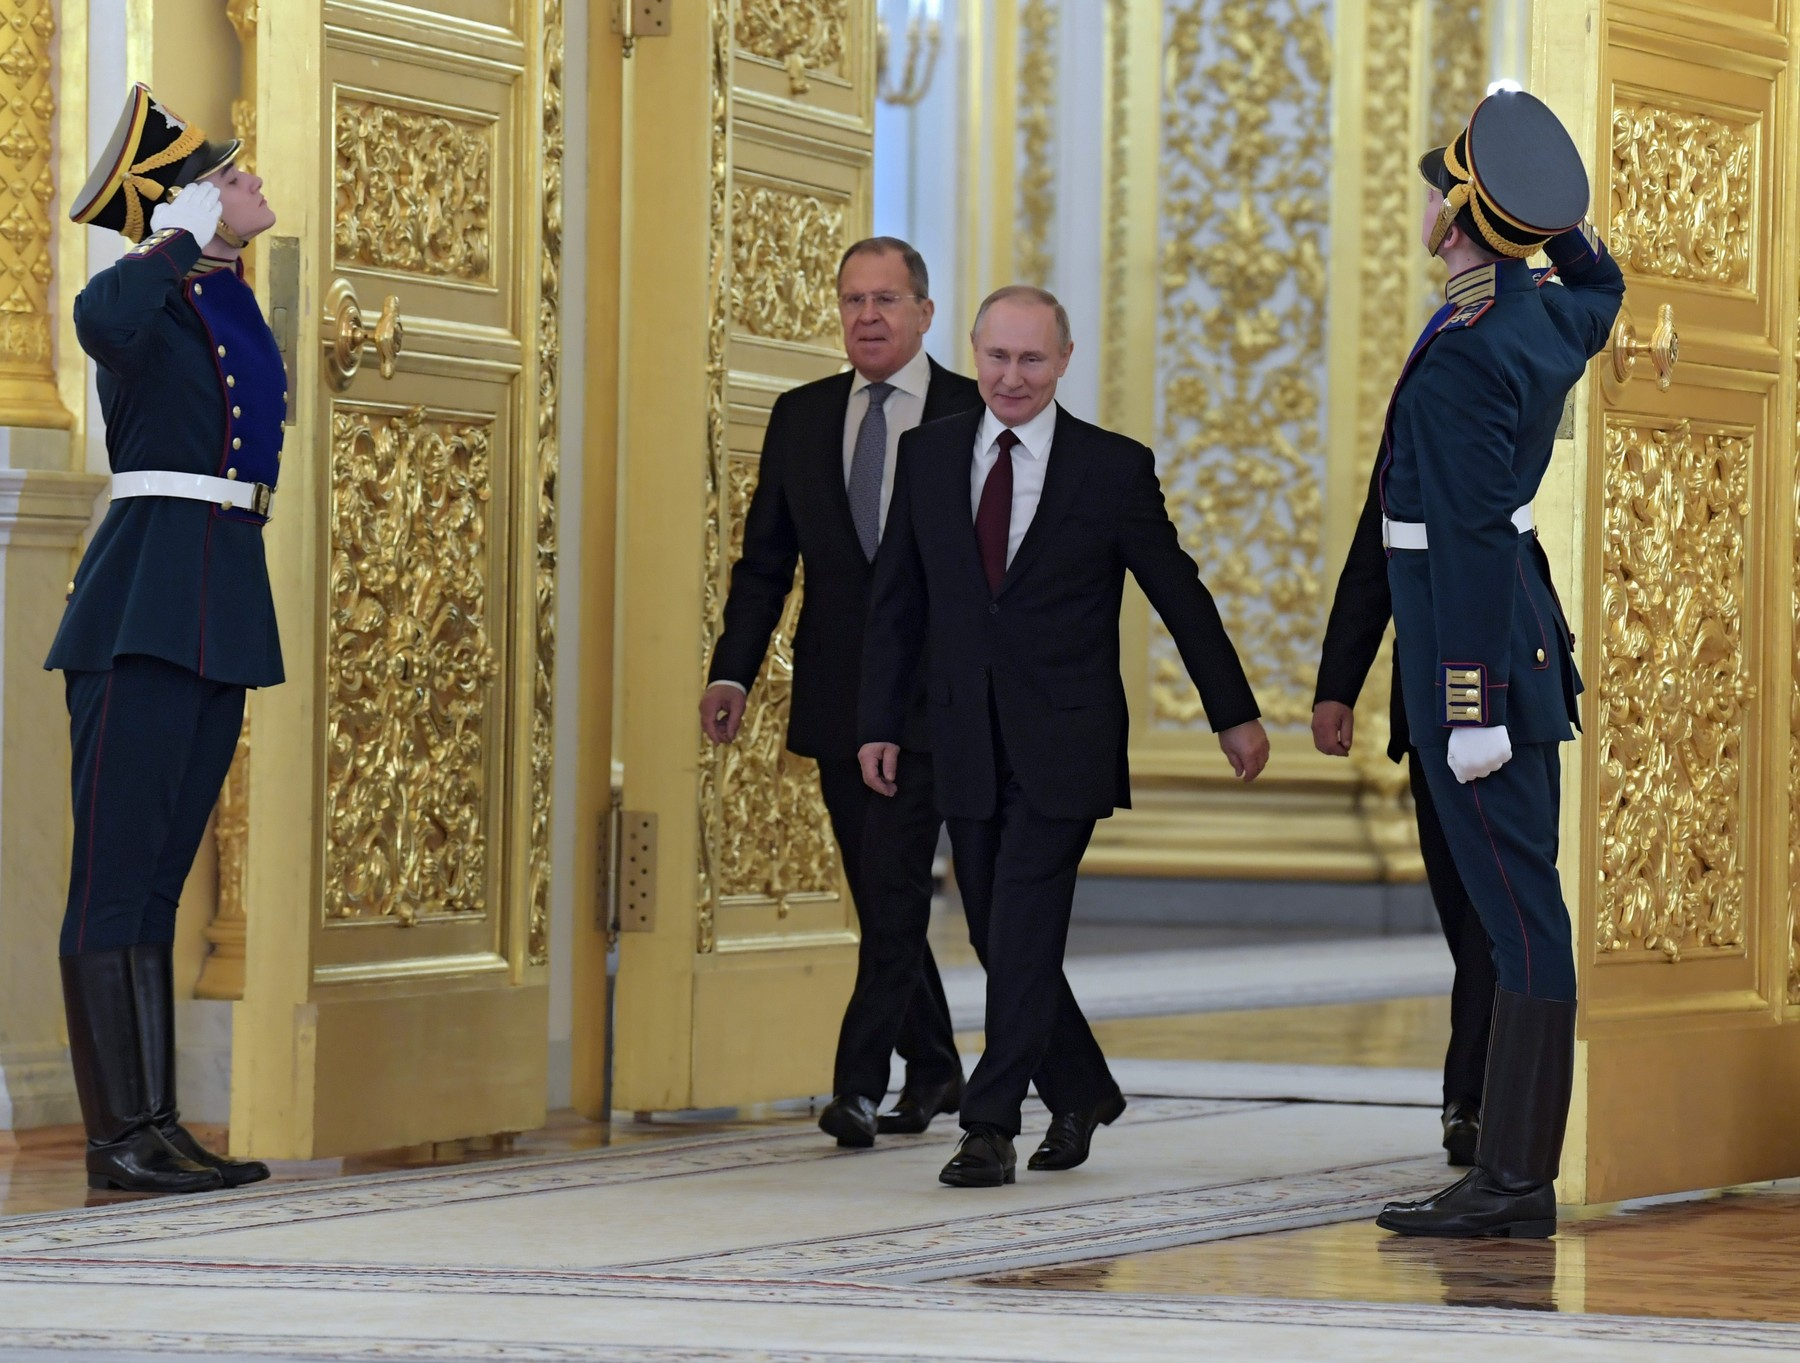 Ruski ministar vanjskih poslova Sergej Lavrov (lijevo) i predsjednik Vladimir Putin